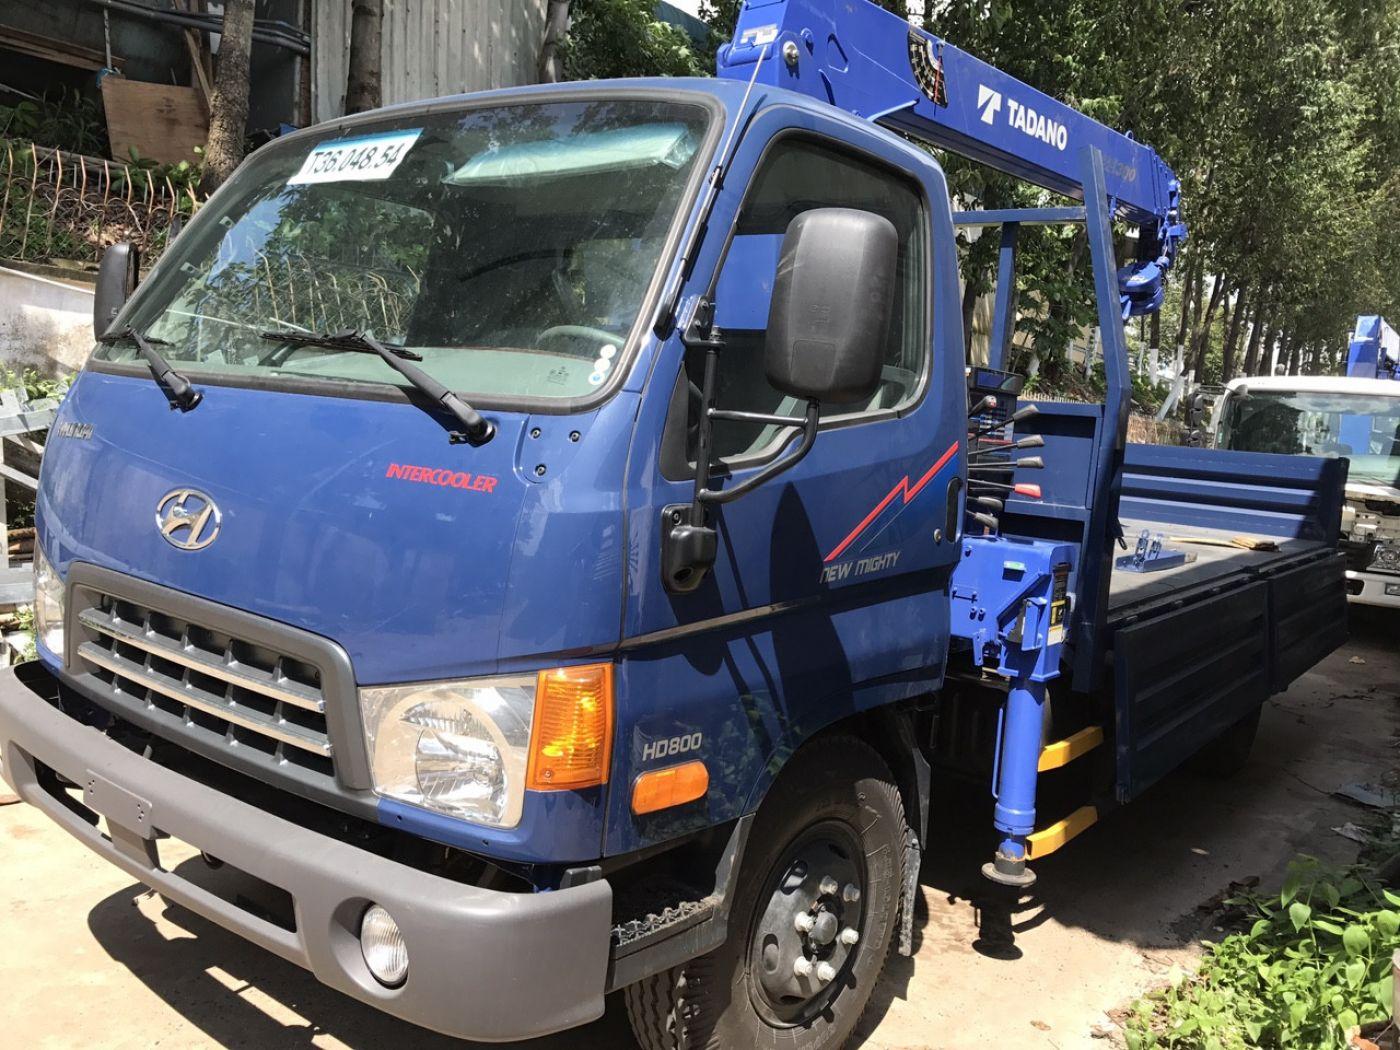 xe-cẩu-tự-hành-hyundai-hd800